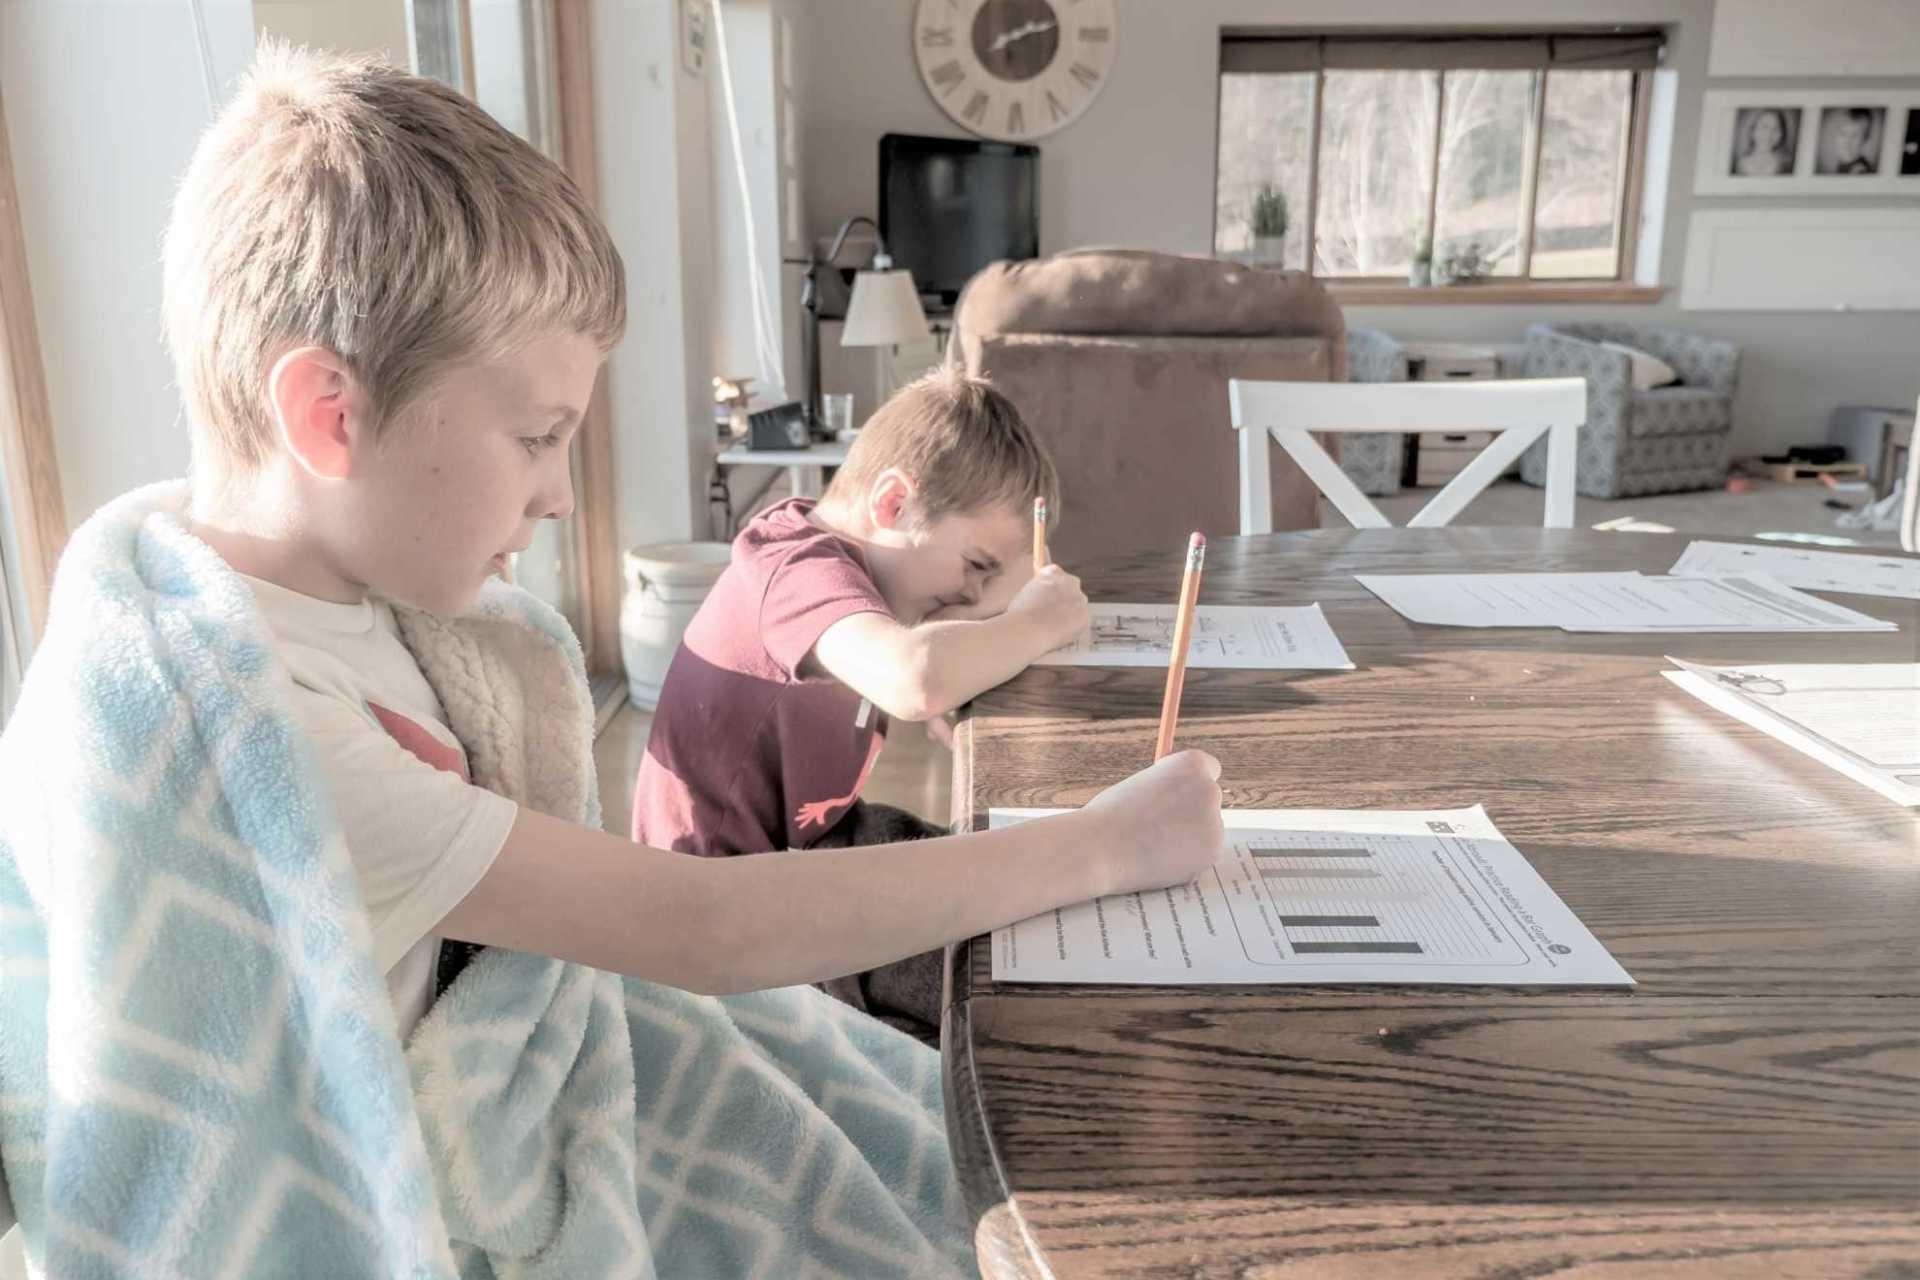 Miten oppimisympäristö vaikuttaa lapsen keskittymiseen ja tarkkaavaisuuden suuntaamiseen?